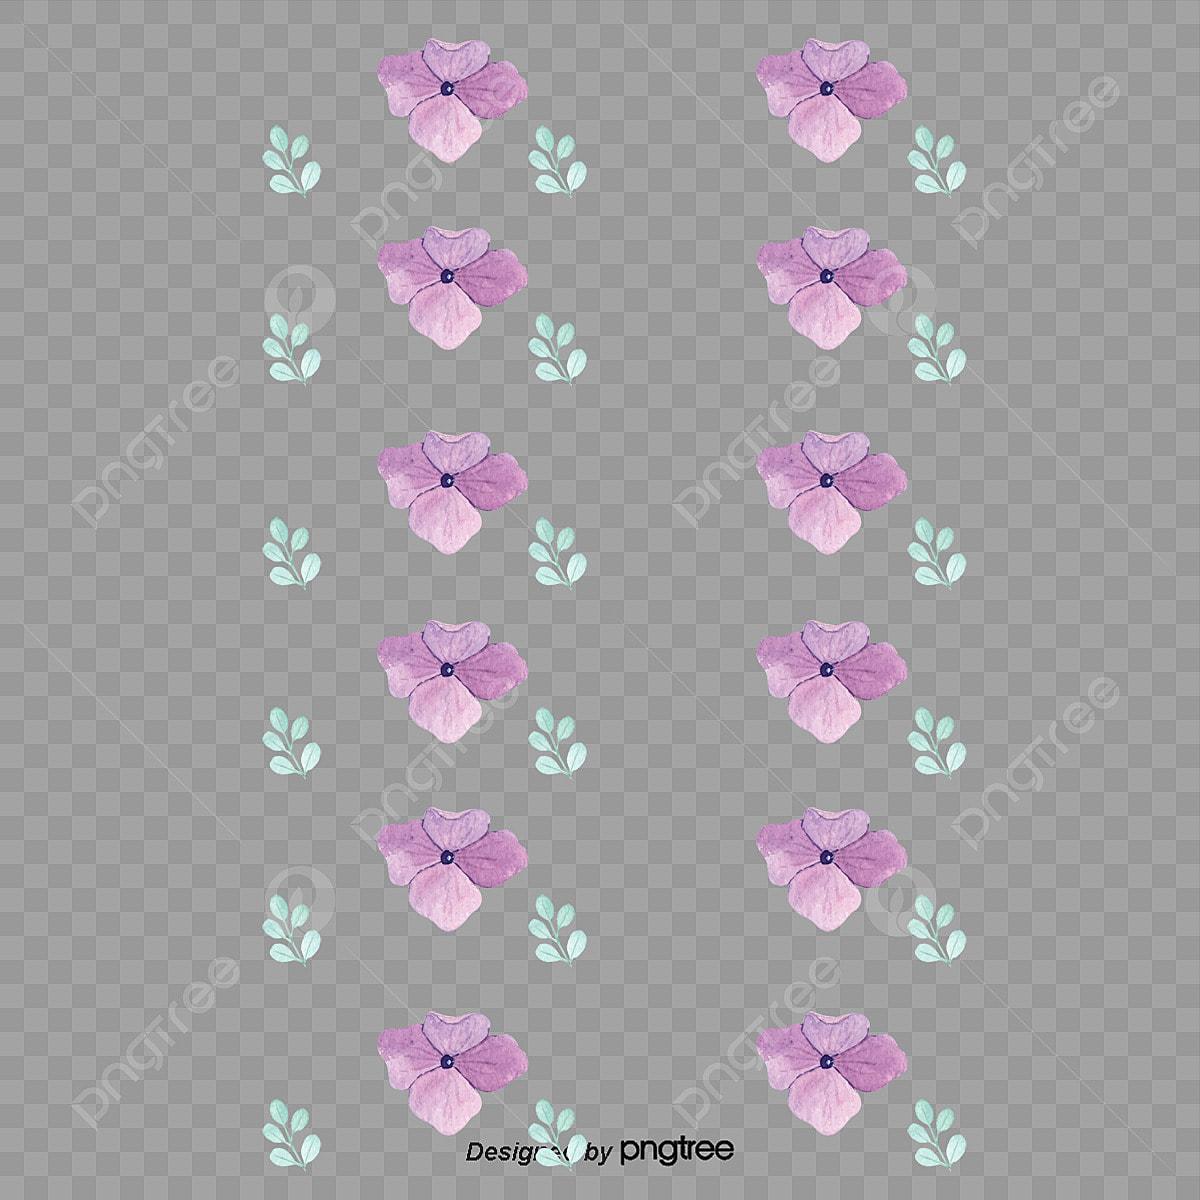 壁紙 可愛い ピンク 壁紙のコレクション